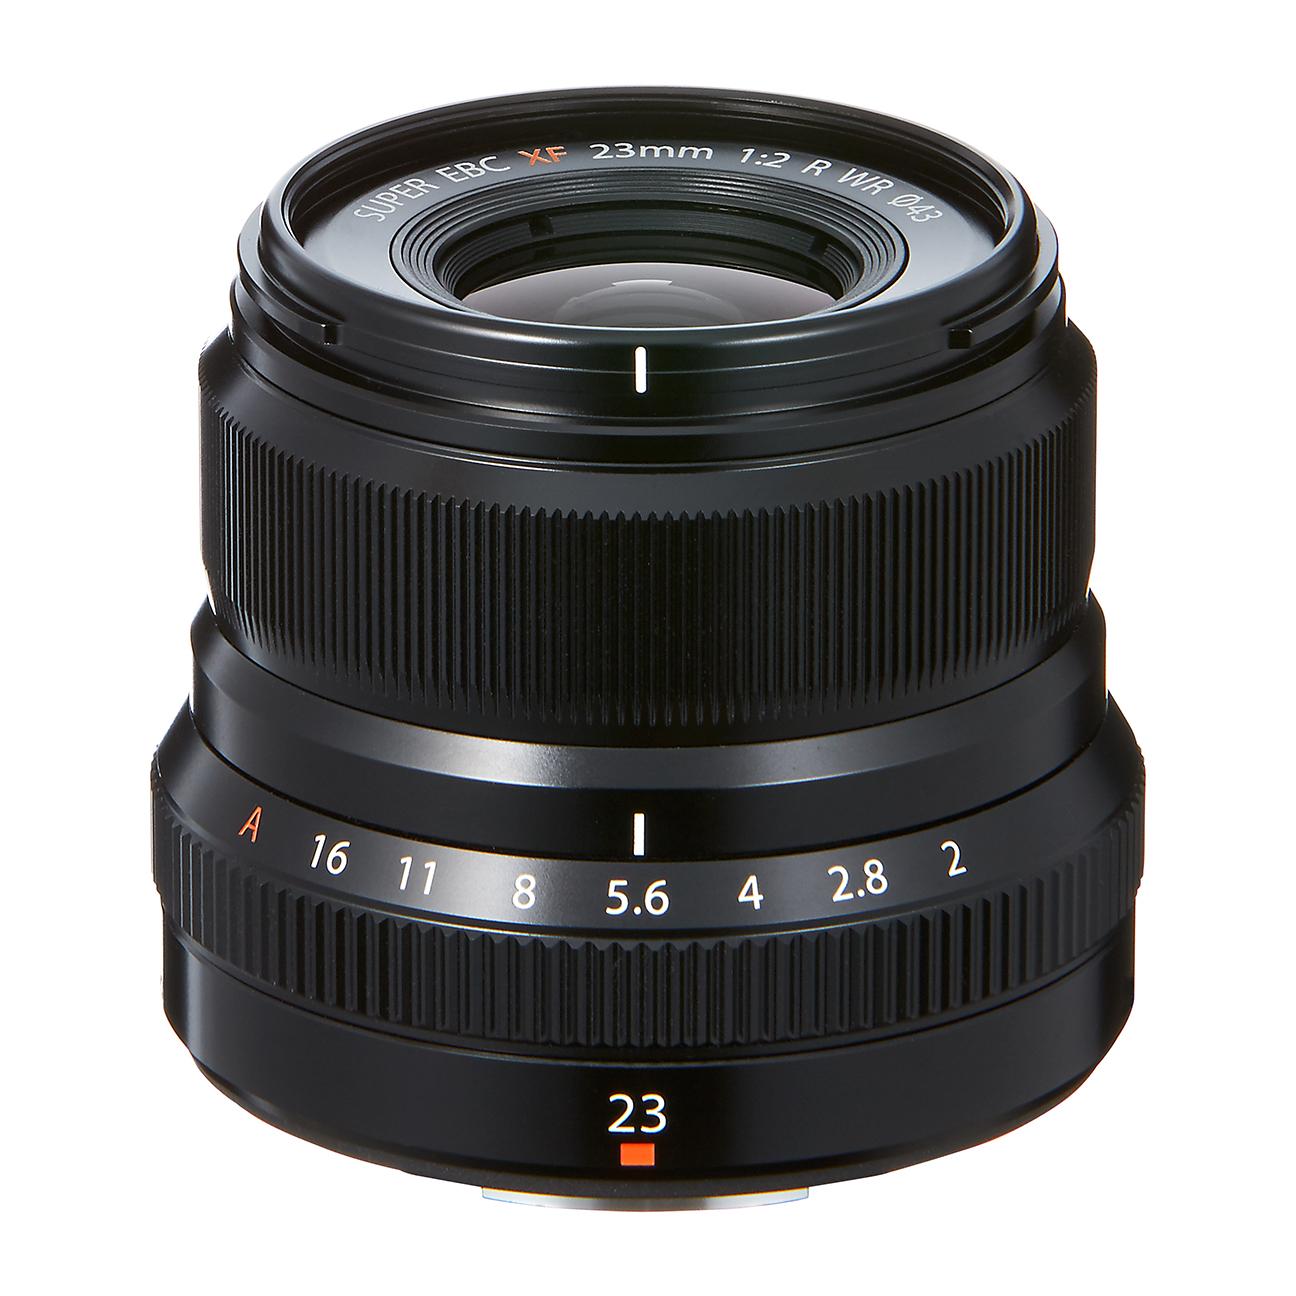 FUJINON XF 23mm F2.0R WR Lens